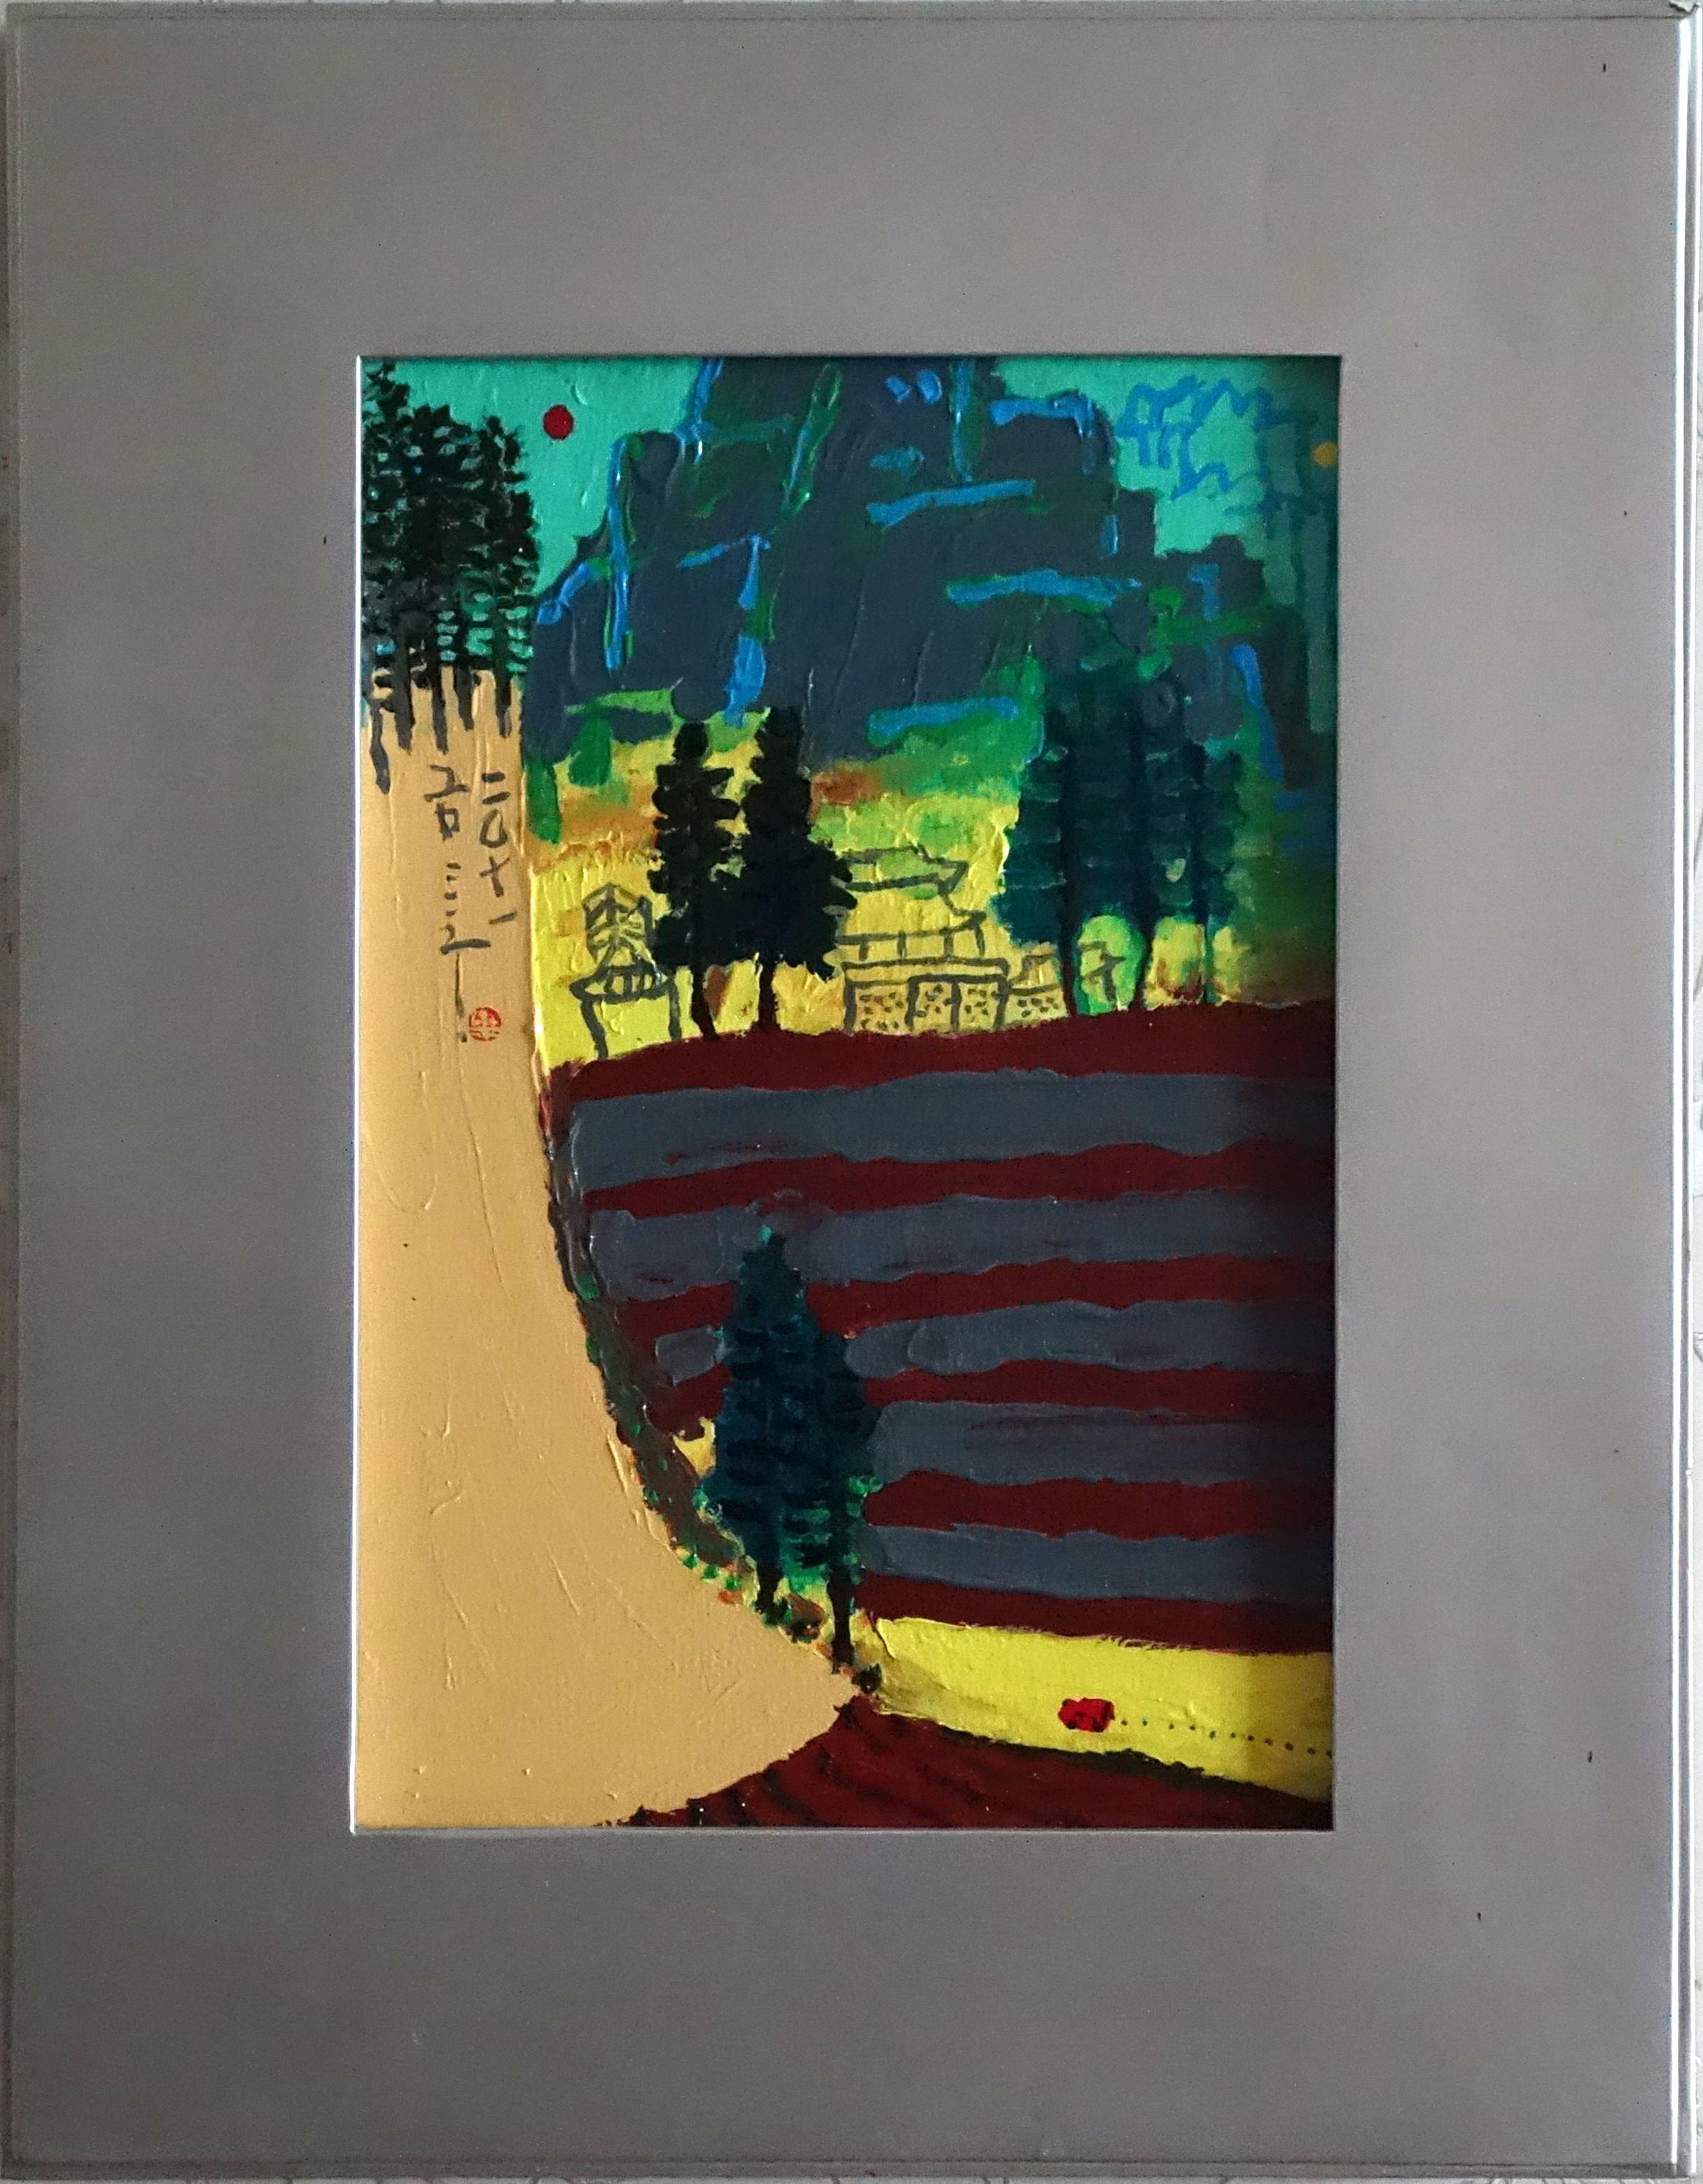 금사홍1, 진경산수 Real Landscape-56, 27.3 × 45.